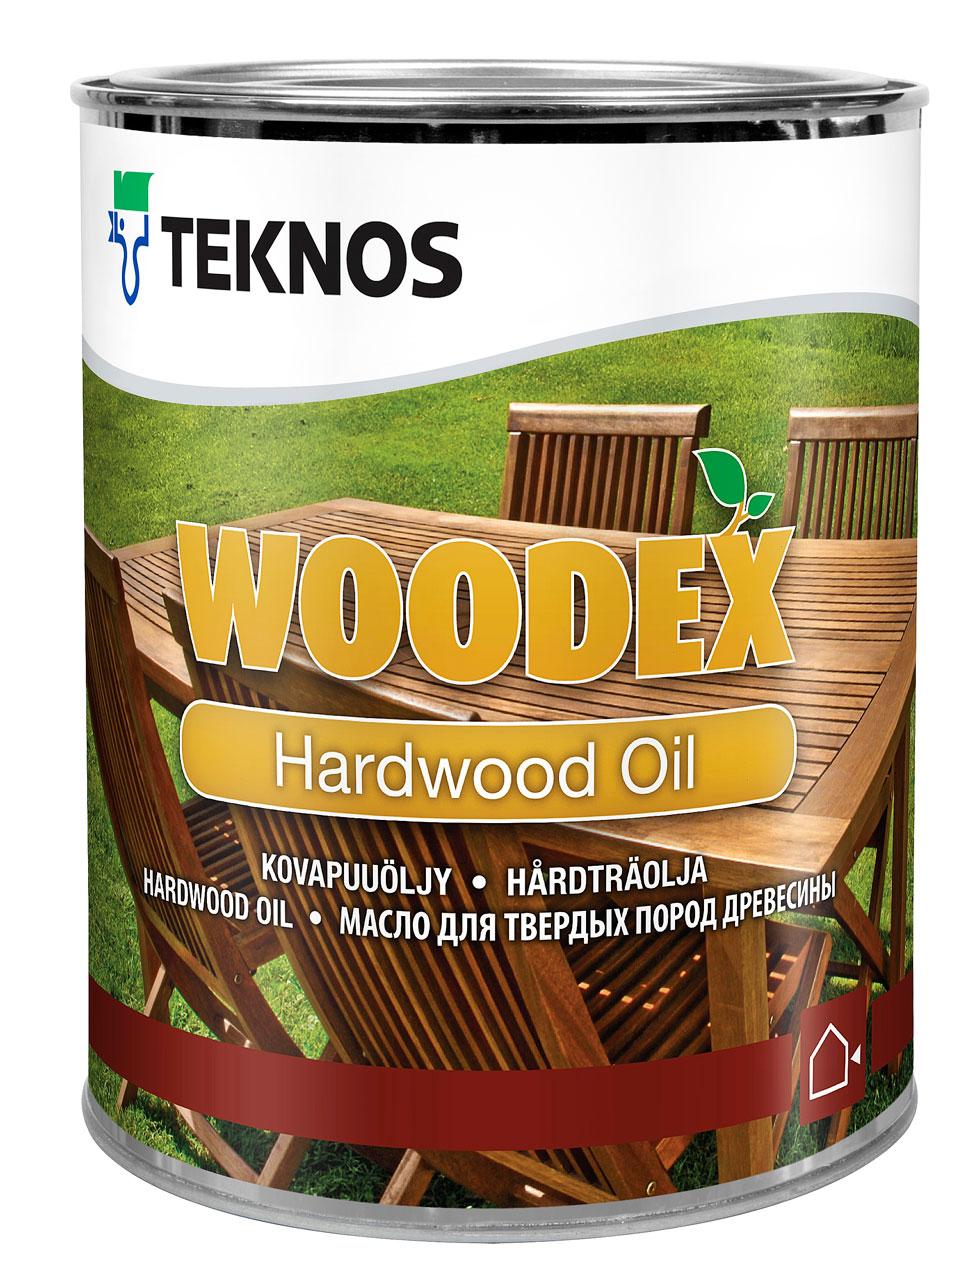 Woodex Harwood Oil